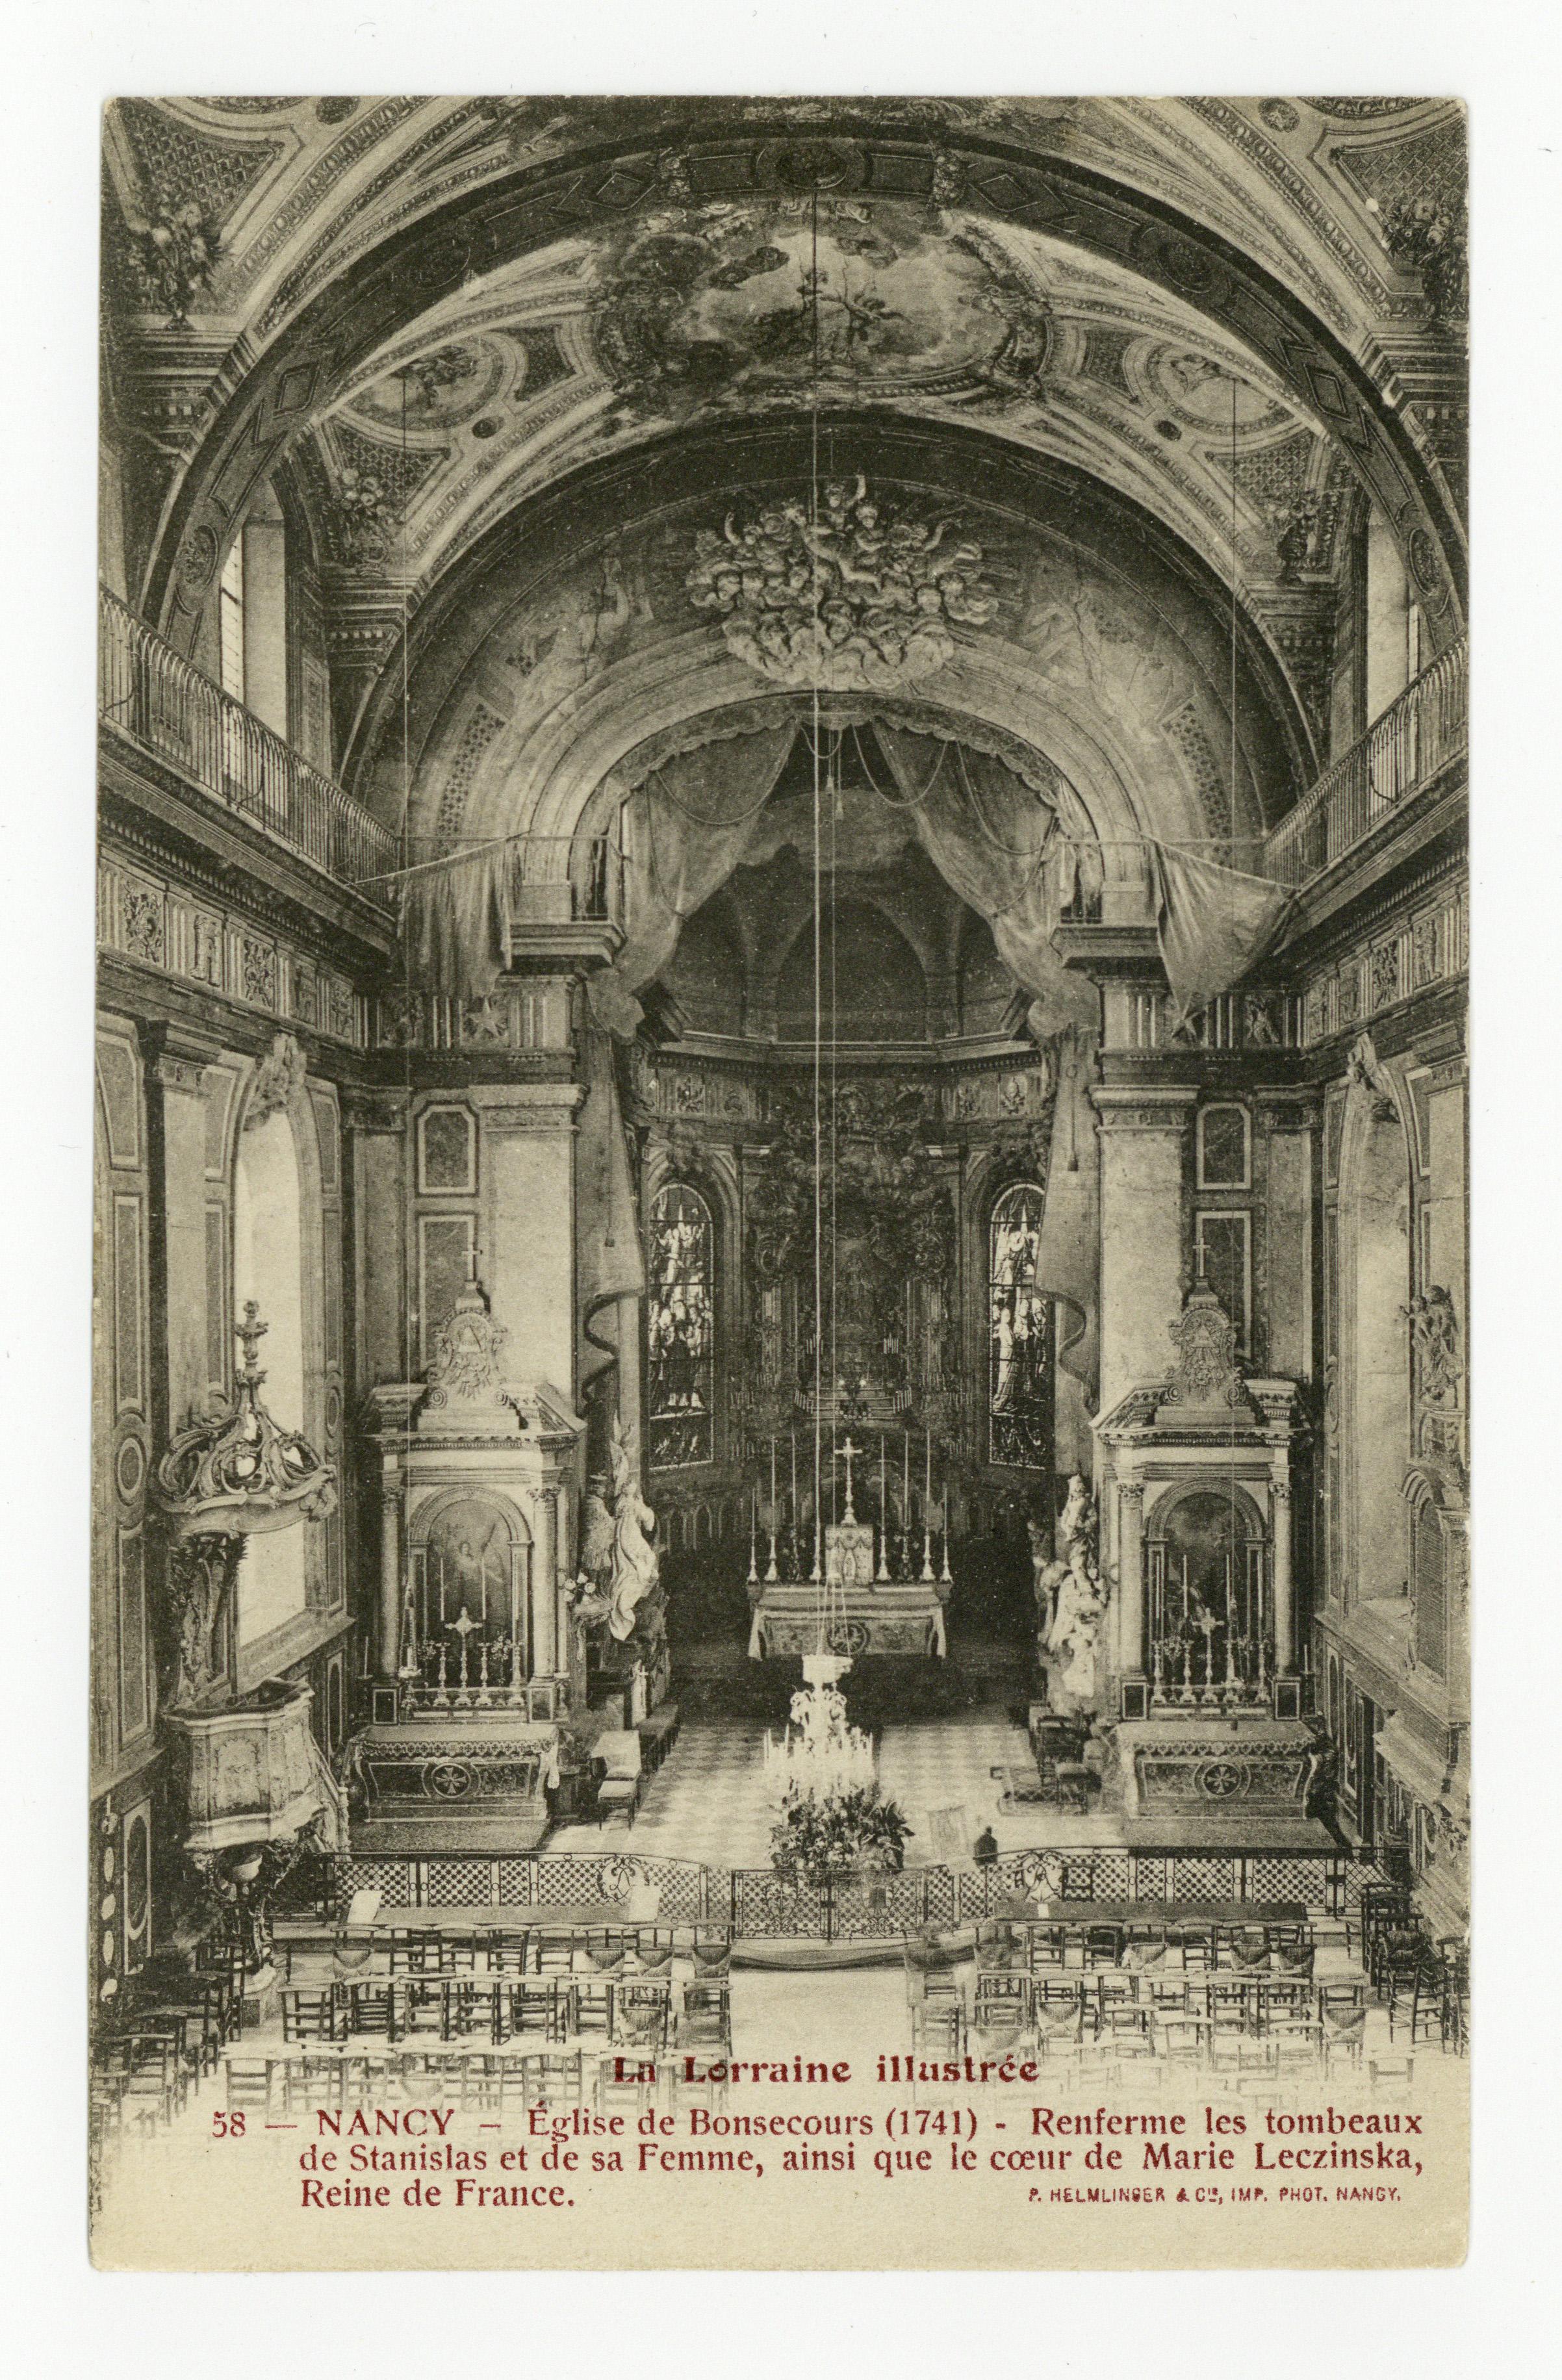 Contenu du Nancy : Église de Bonsecours (1741), renferme les tombeaux de Stanislas et de sa Femme, ainsi que le cœur de Marie Leczinska, Reine de France.  La Lorraine Illustrée